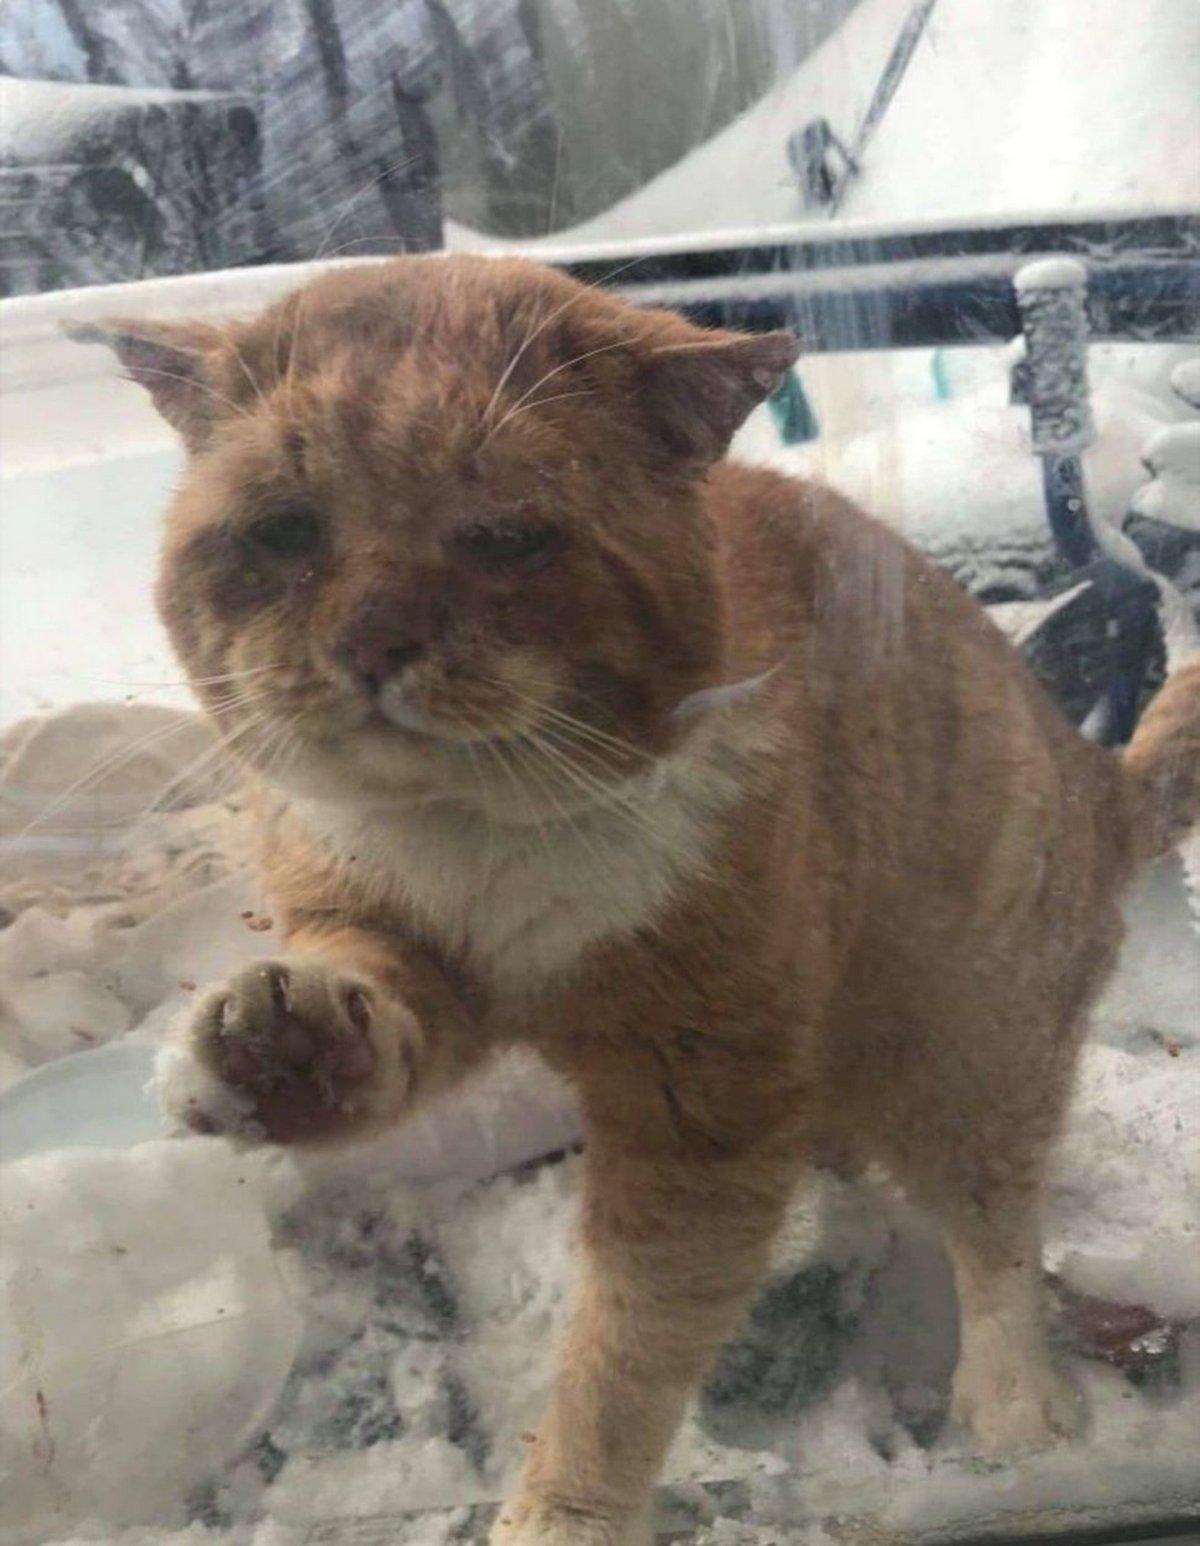 Un chat errant grelottant frappe à la porte d'une femme pour lui demander de le laisser entrer